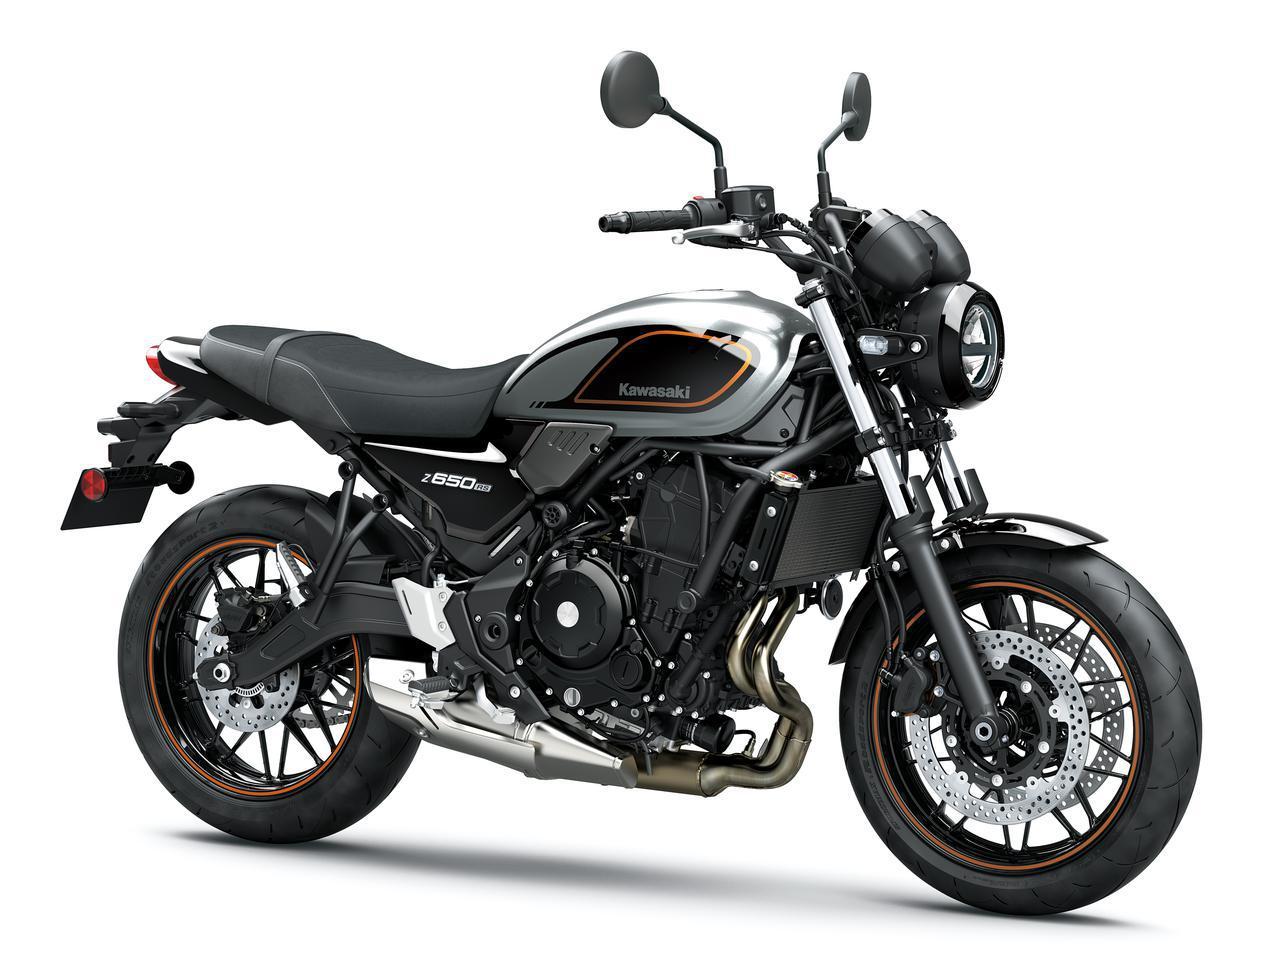 画像9: カワサキ「Z650RS」国内モデルに関する情報|発売時期が明らかに! 日本での販売価格も予想【2022速報】